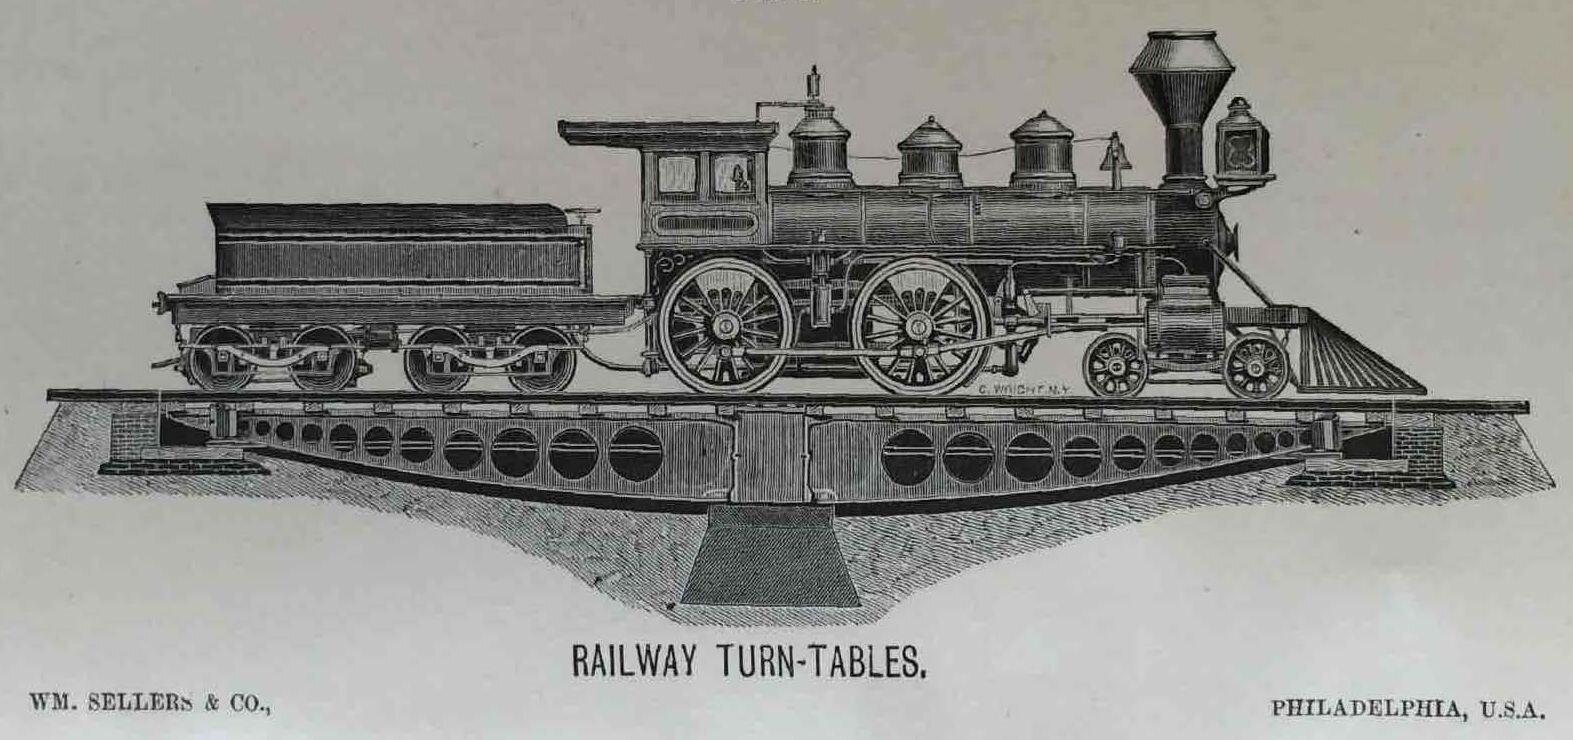 Mid-19th-century railroad turntable